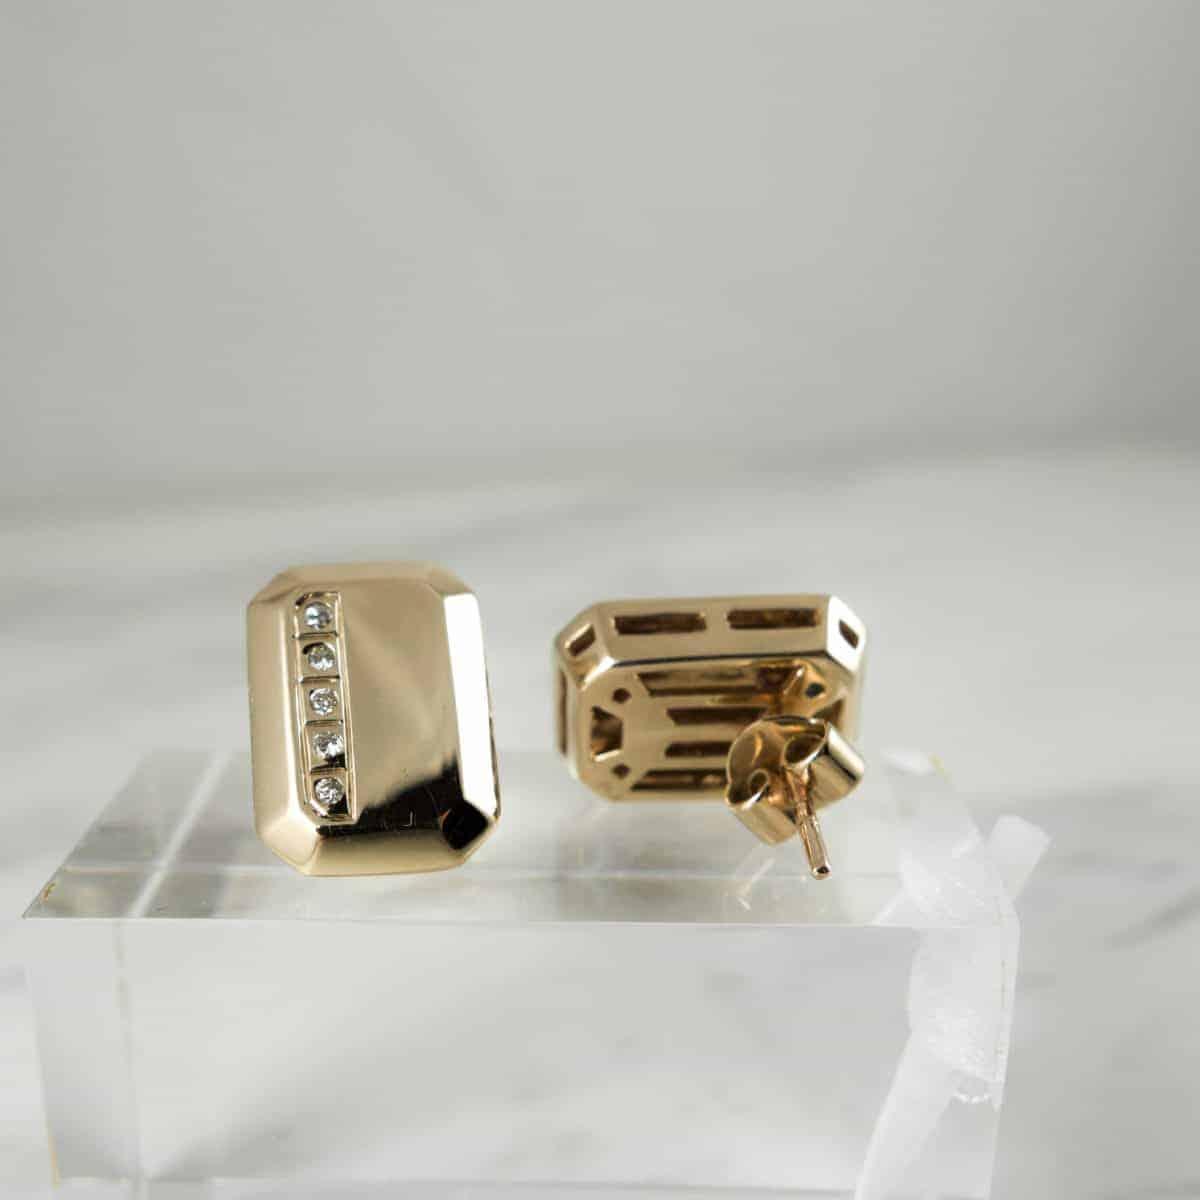 Златни Обеци Октагон с диаманти от колекцията Естетика на Ефир